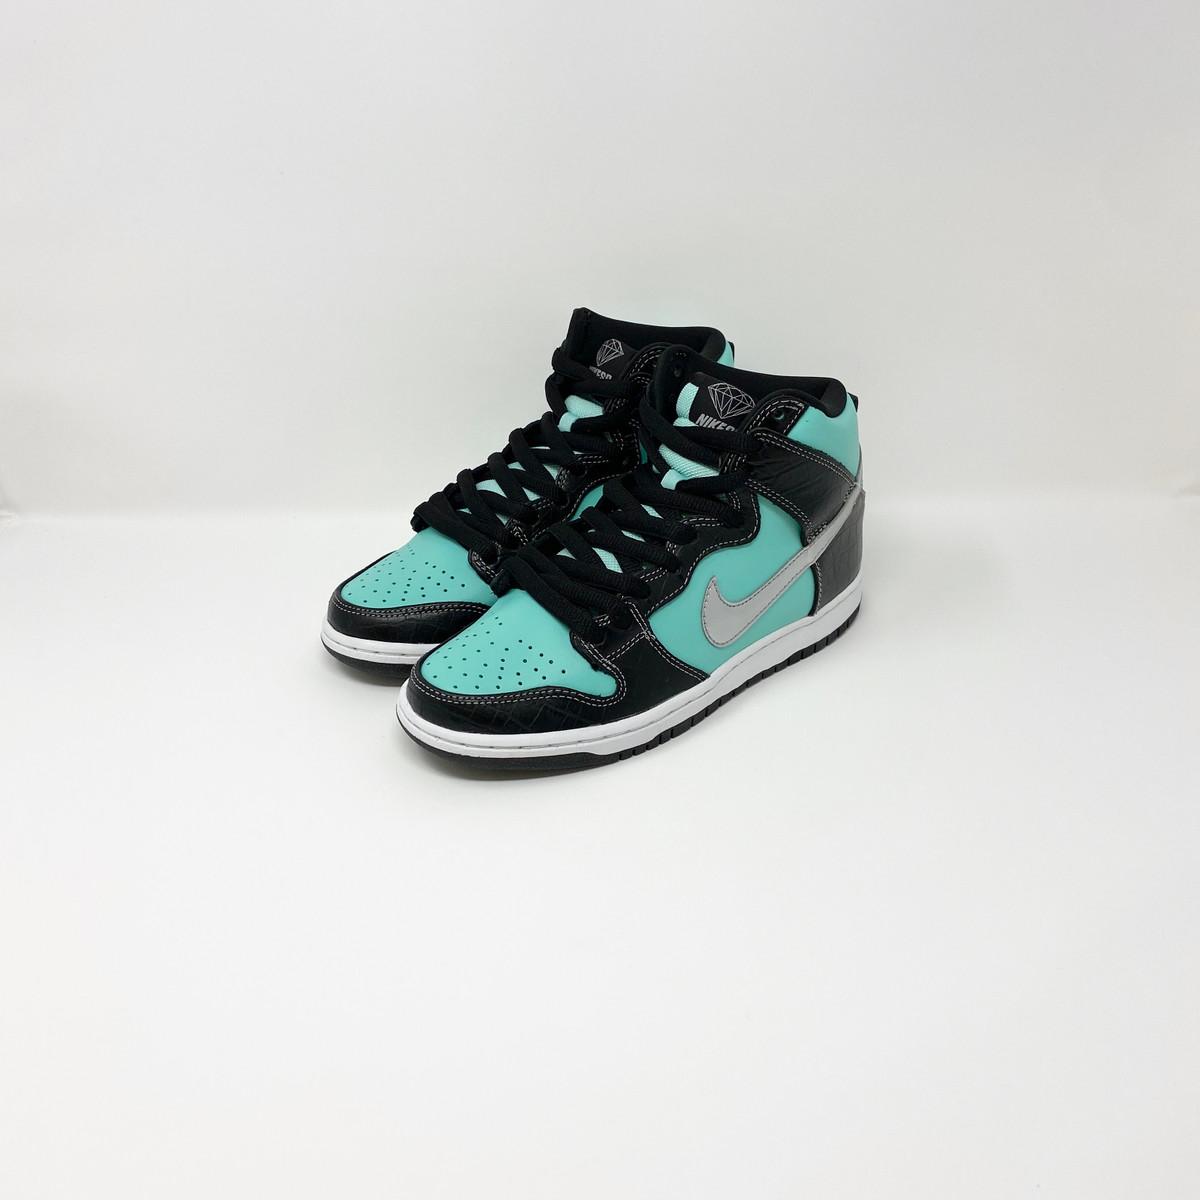 Nike Dunk Hi Prem SB Diamond